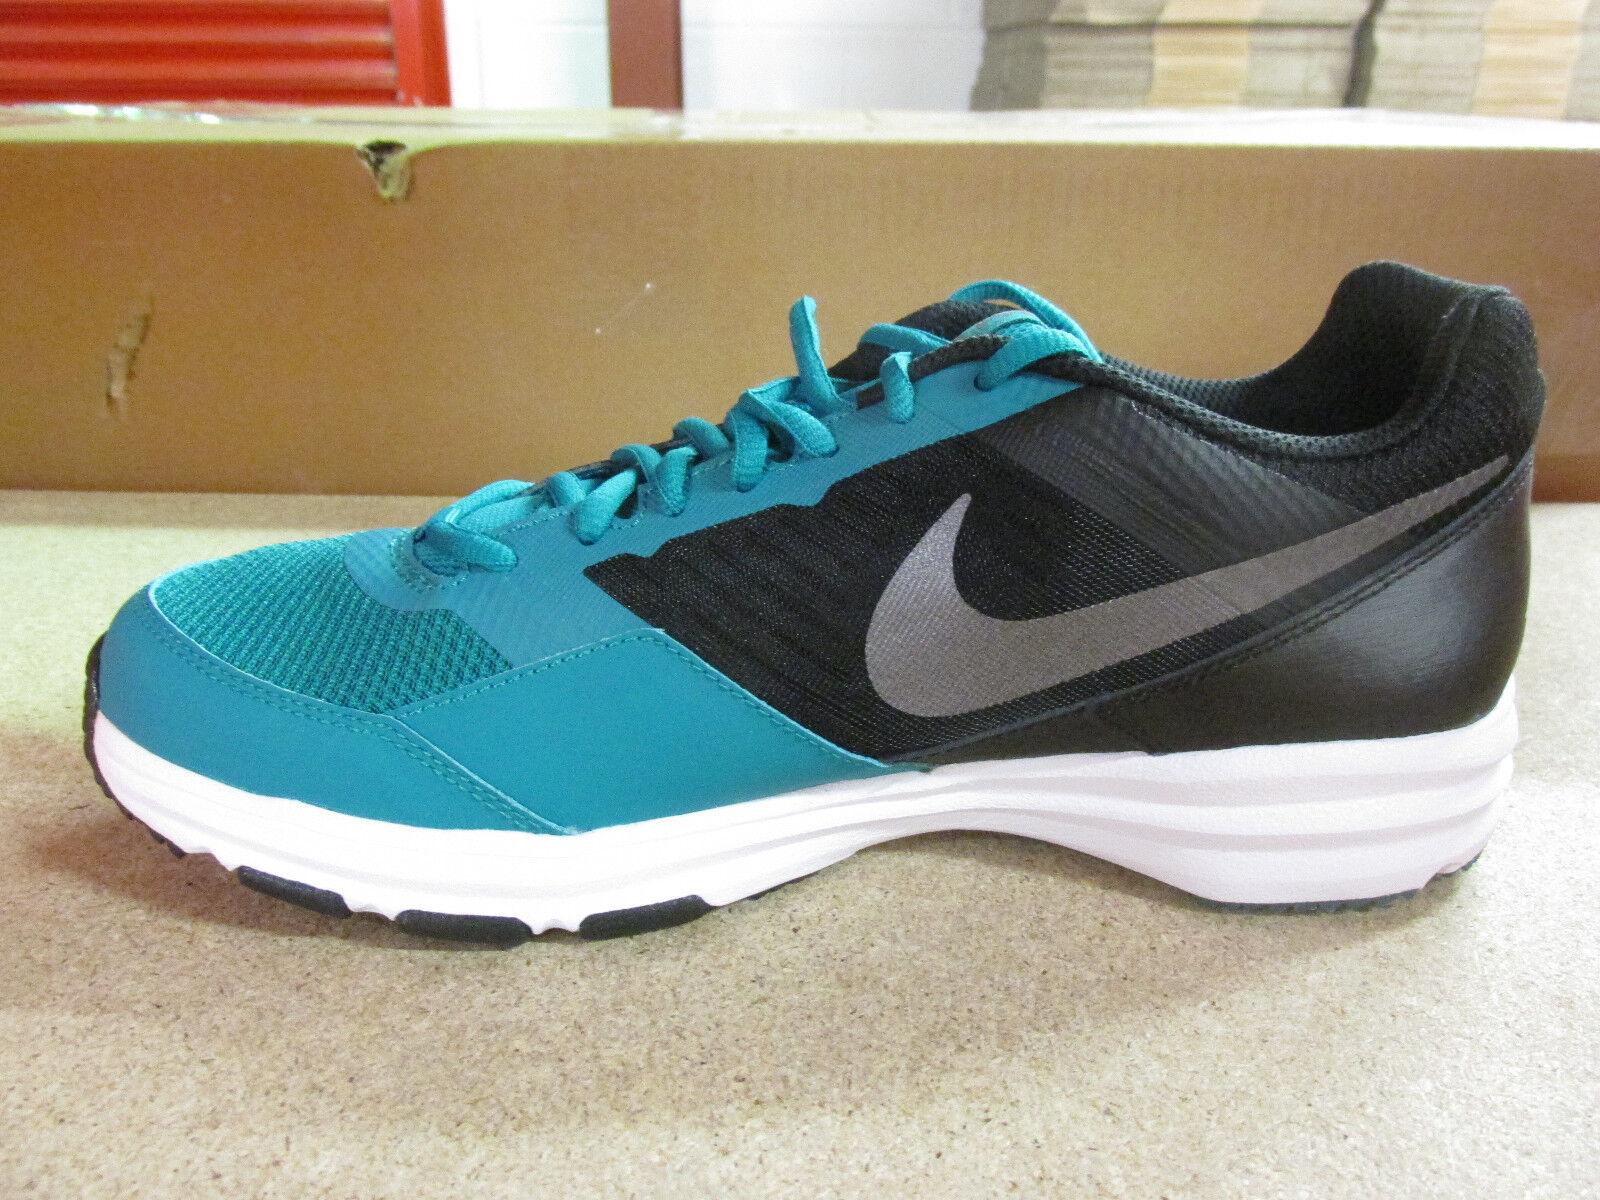 Nike Nike Nike air one tr 2  mit trainer 704923 300 Turnschuhe, schuhe c96c1b